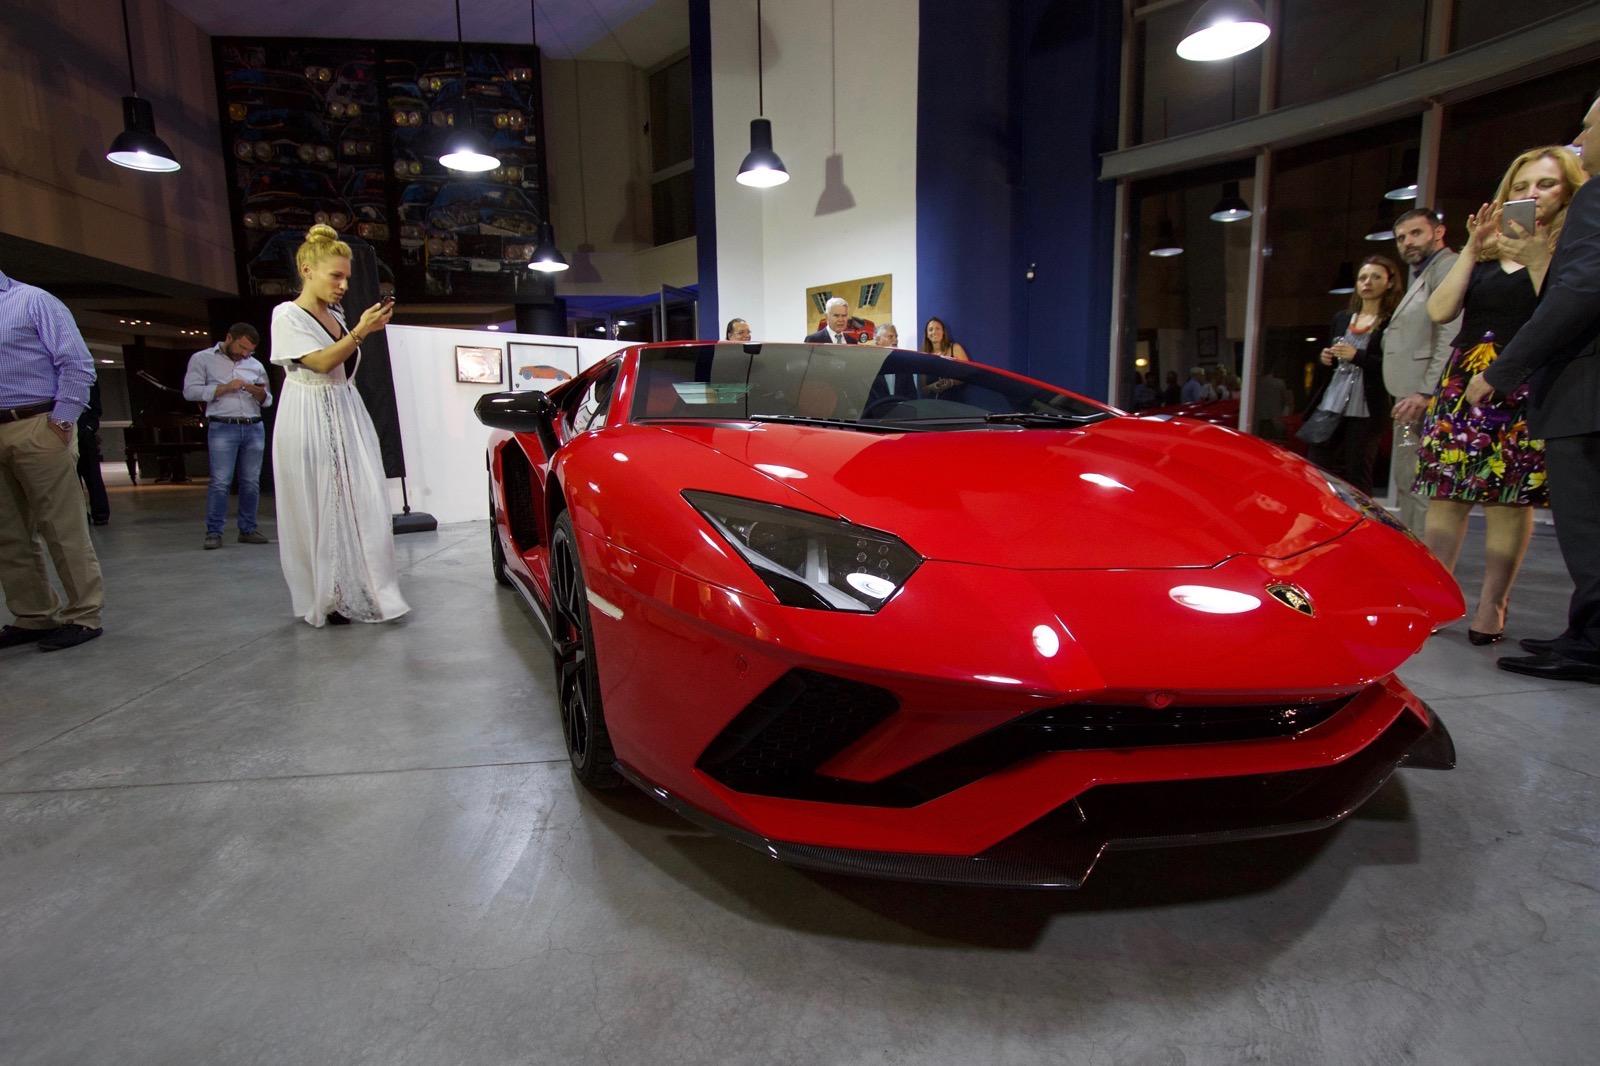 Lamborghini_Aventador_S_in_Greece_01